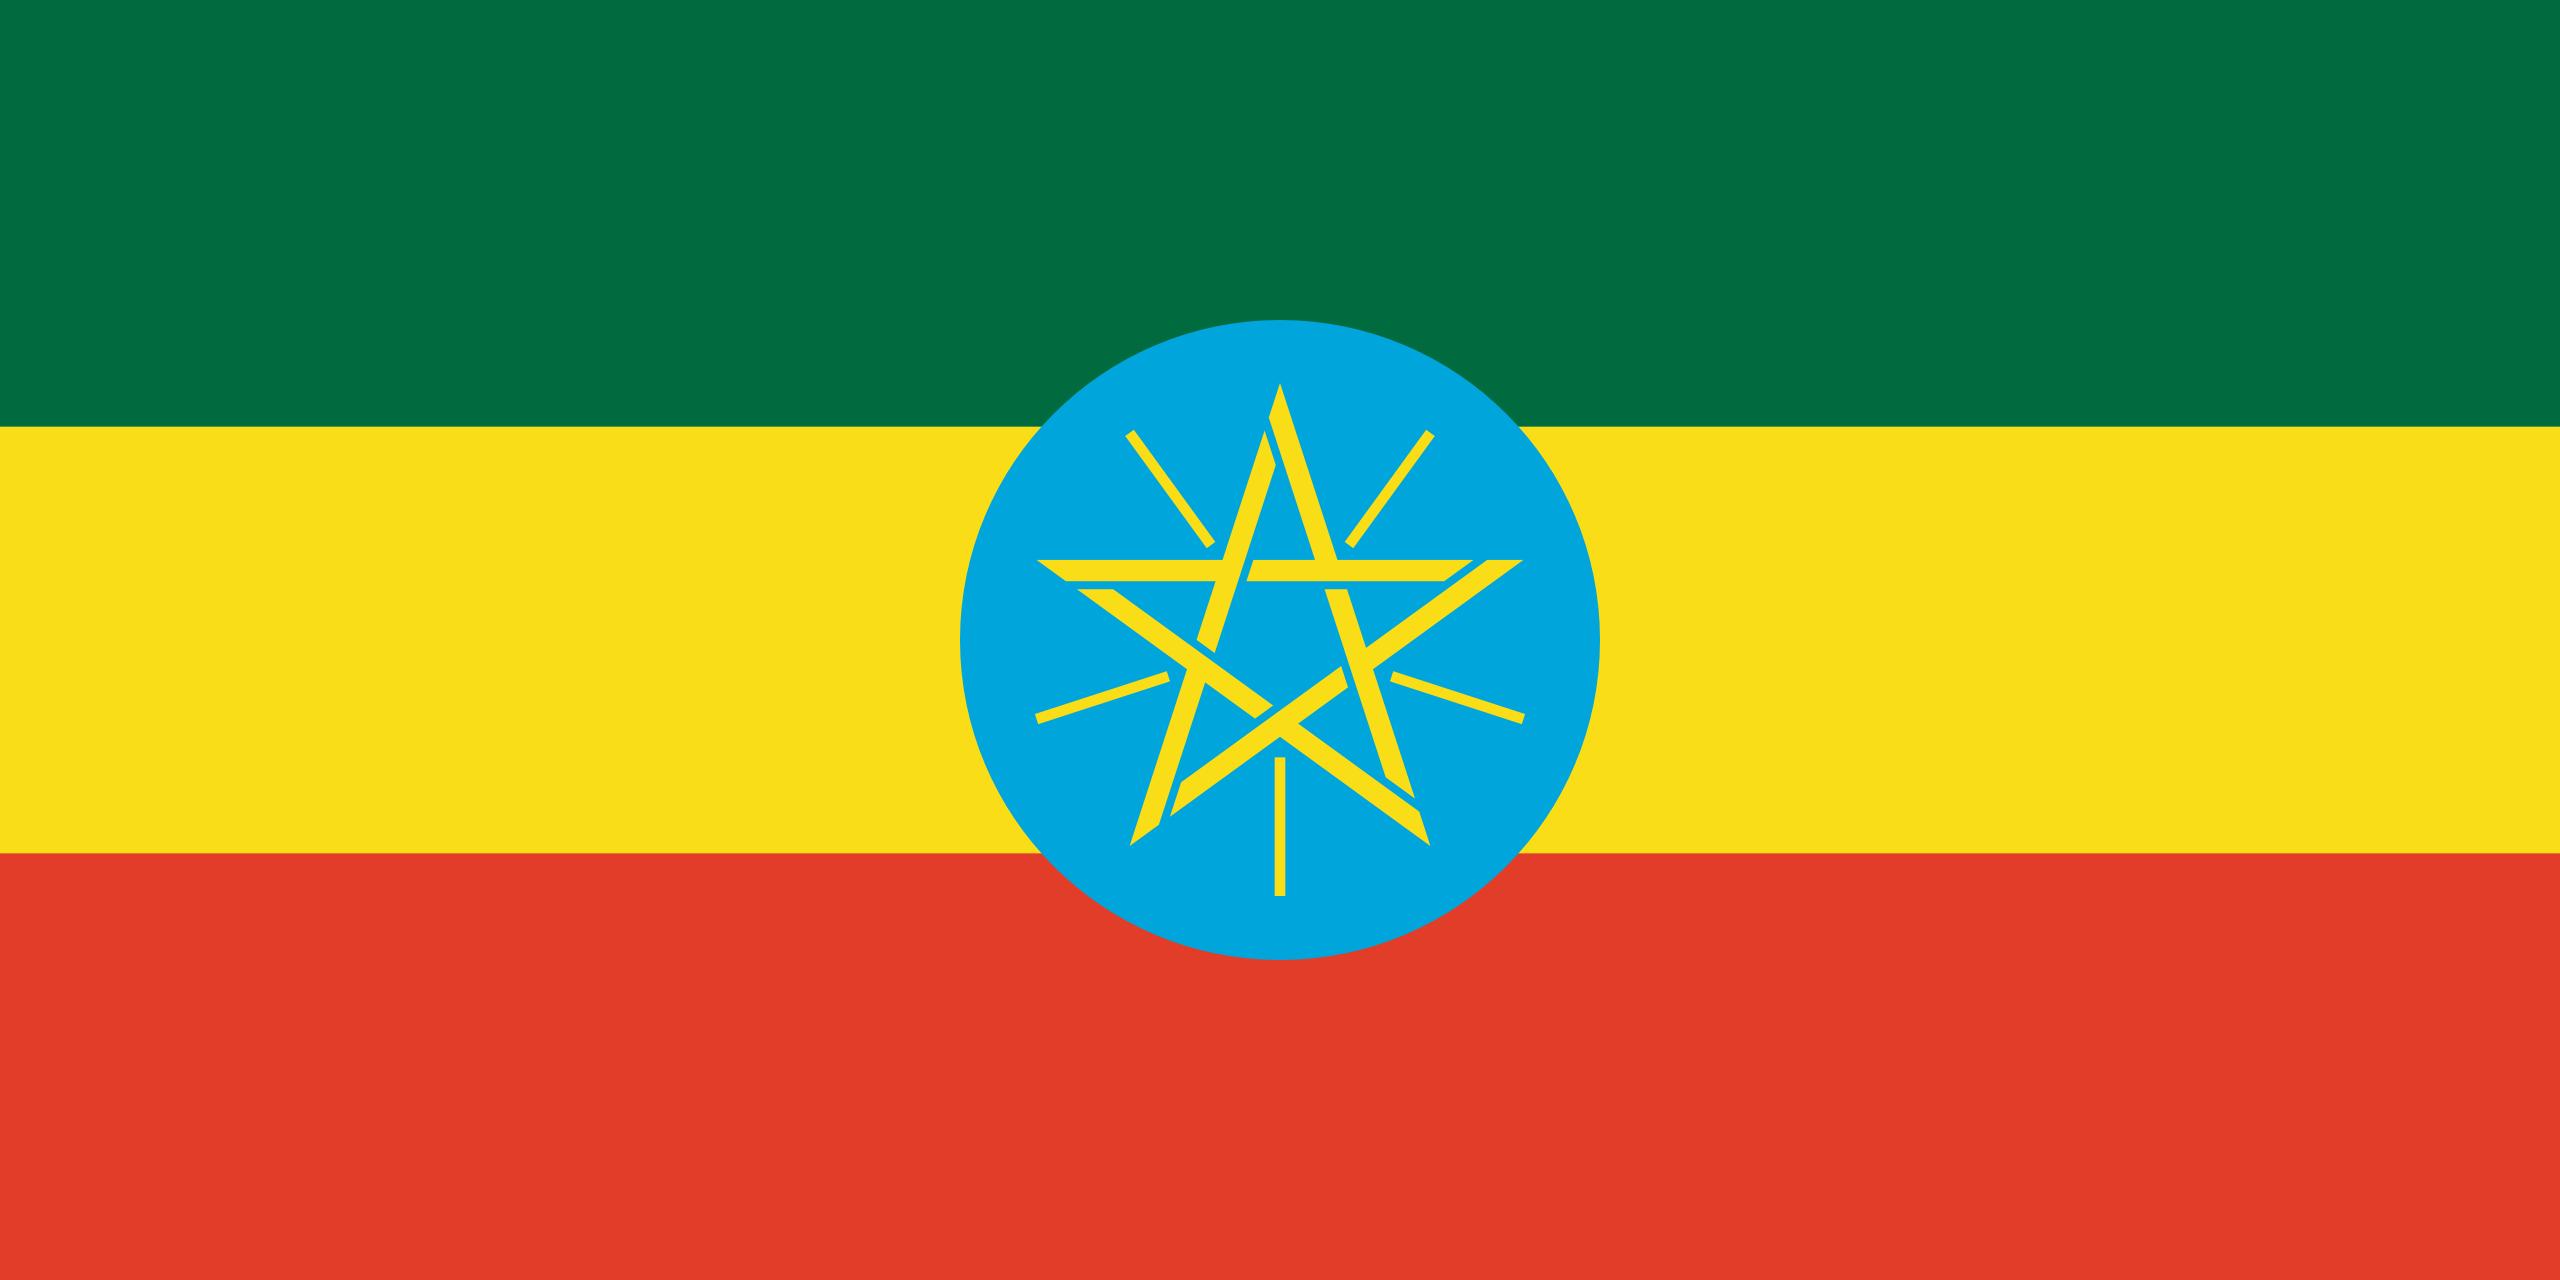 Éthiopie, pays, emblème, logo, symbole - Fonds d'écran HD - Professor-falken.com